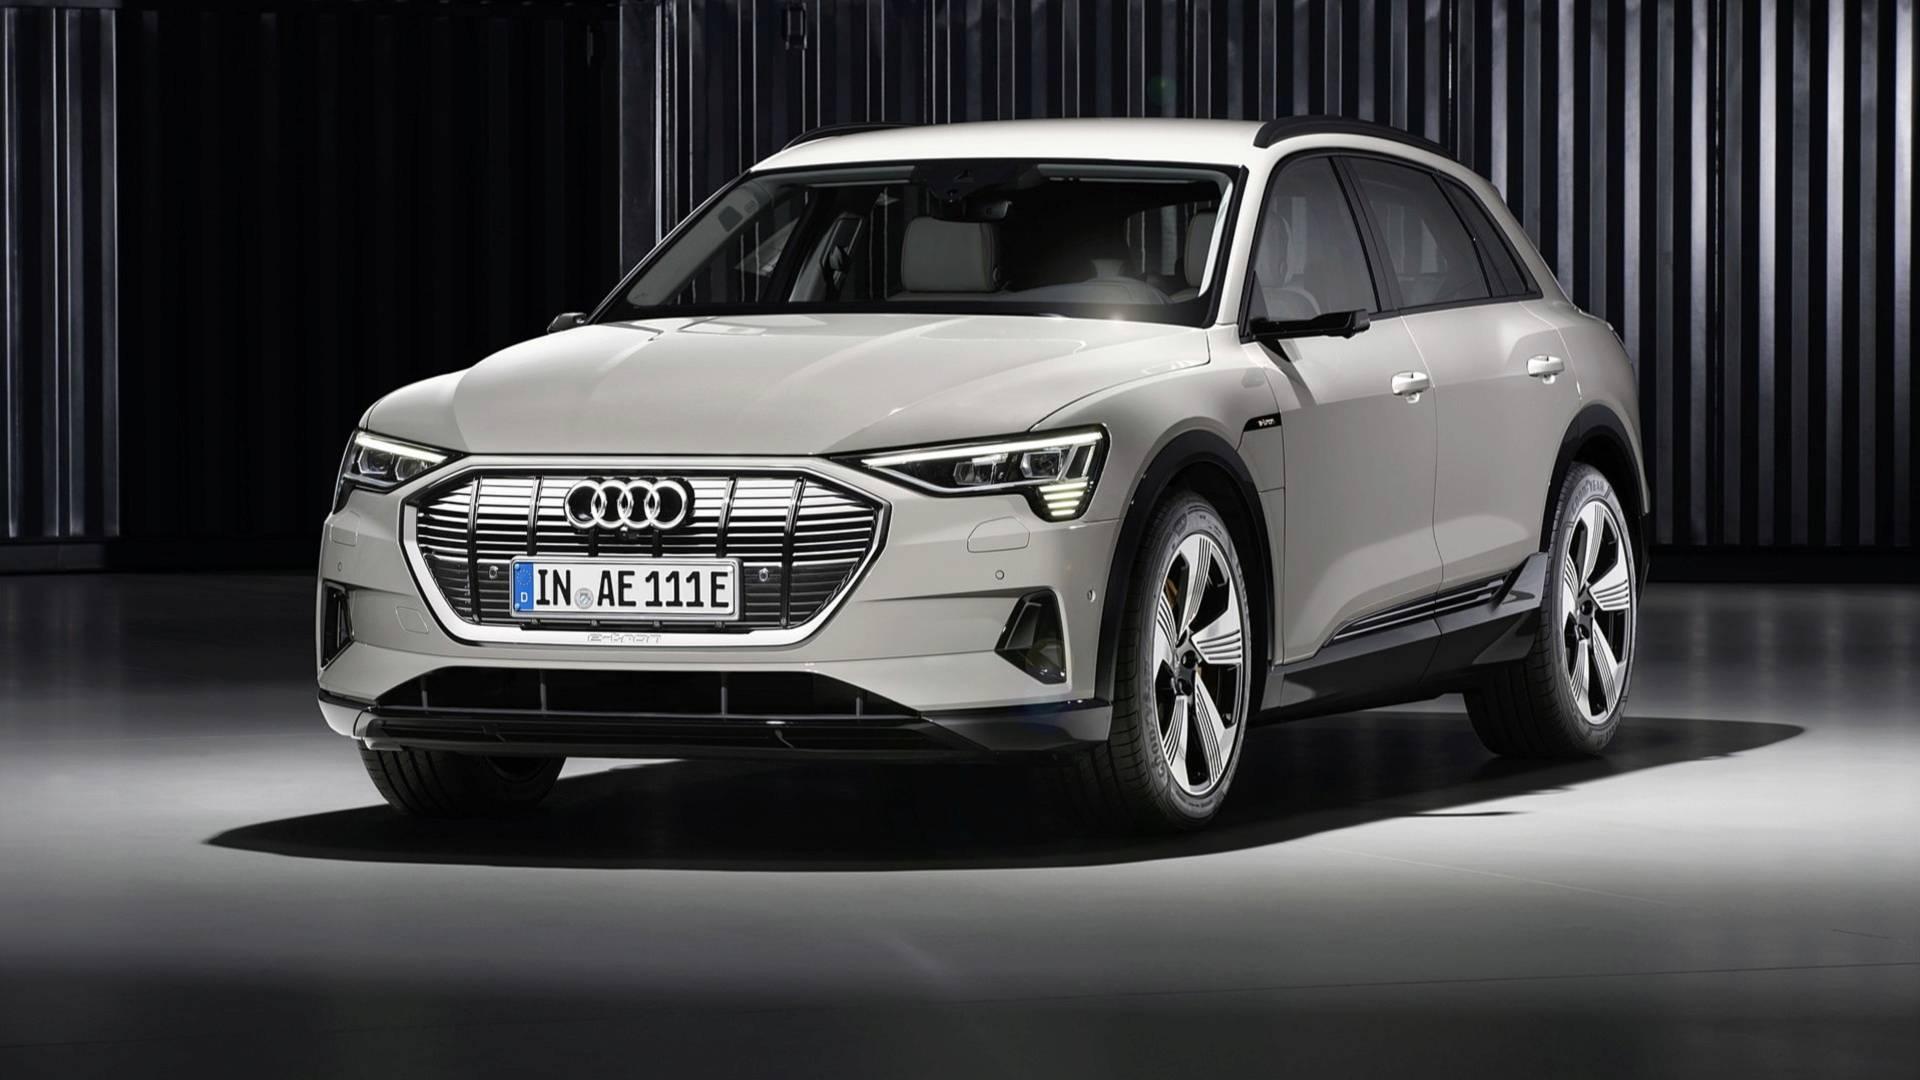 Audi E-Tron konsepti tanıtım için gün sayıyor!